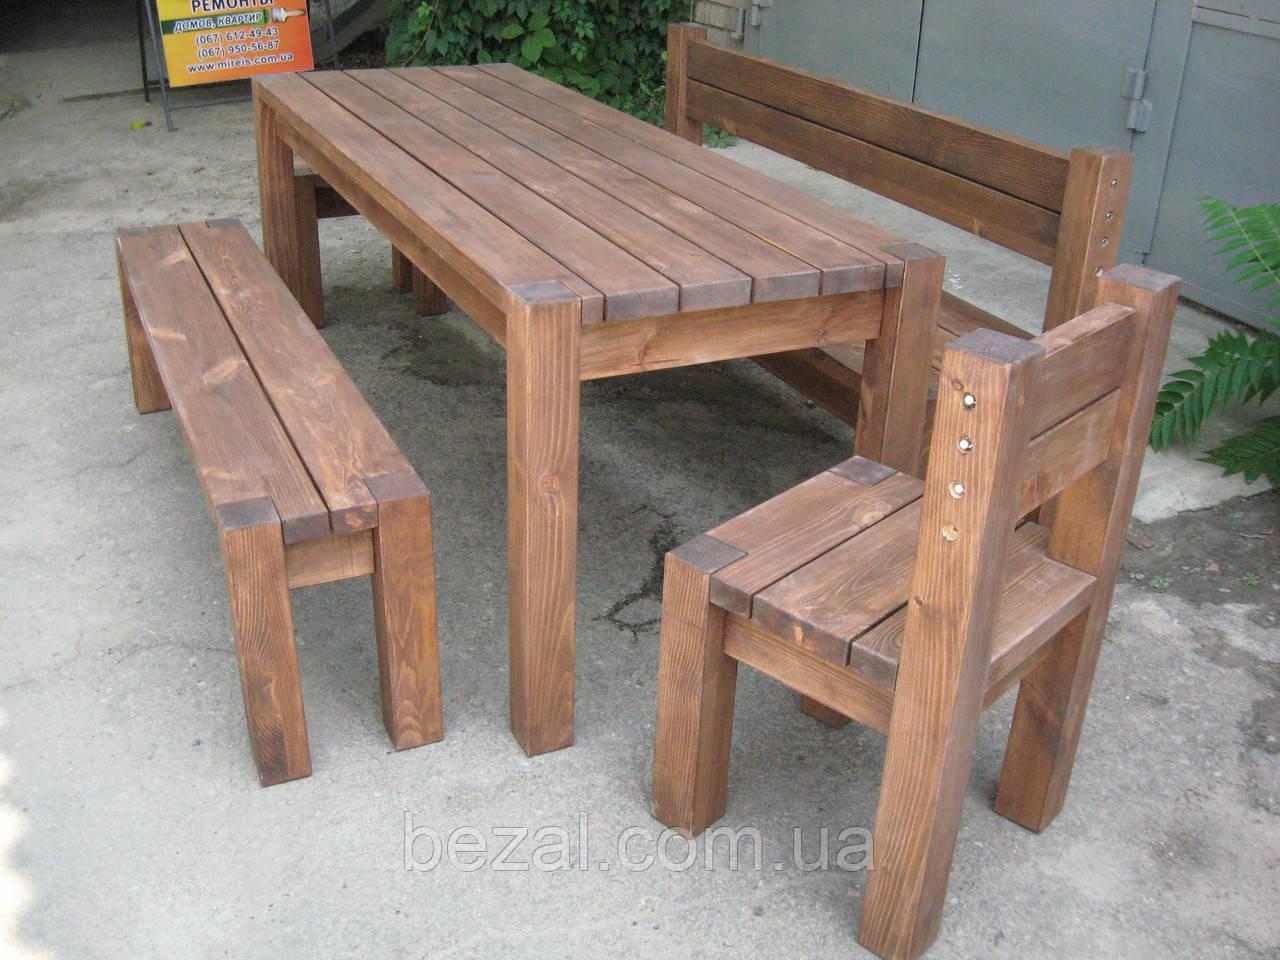 Стол садовый из натурального дерева из комплекта Альфа 1,6м, фото 1